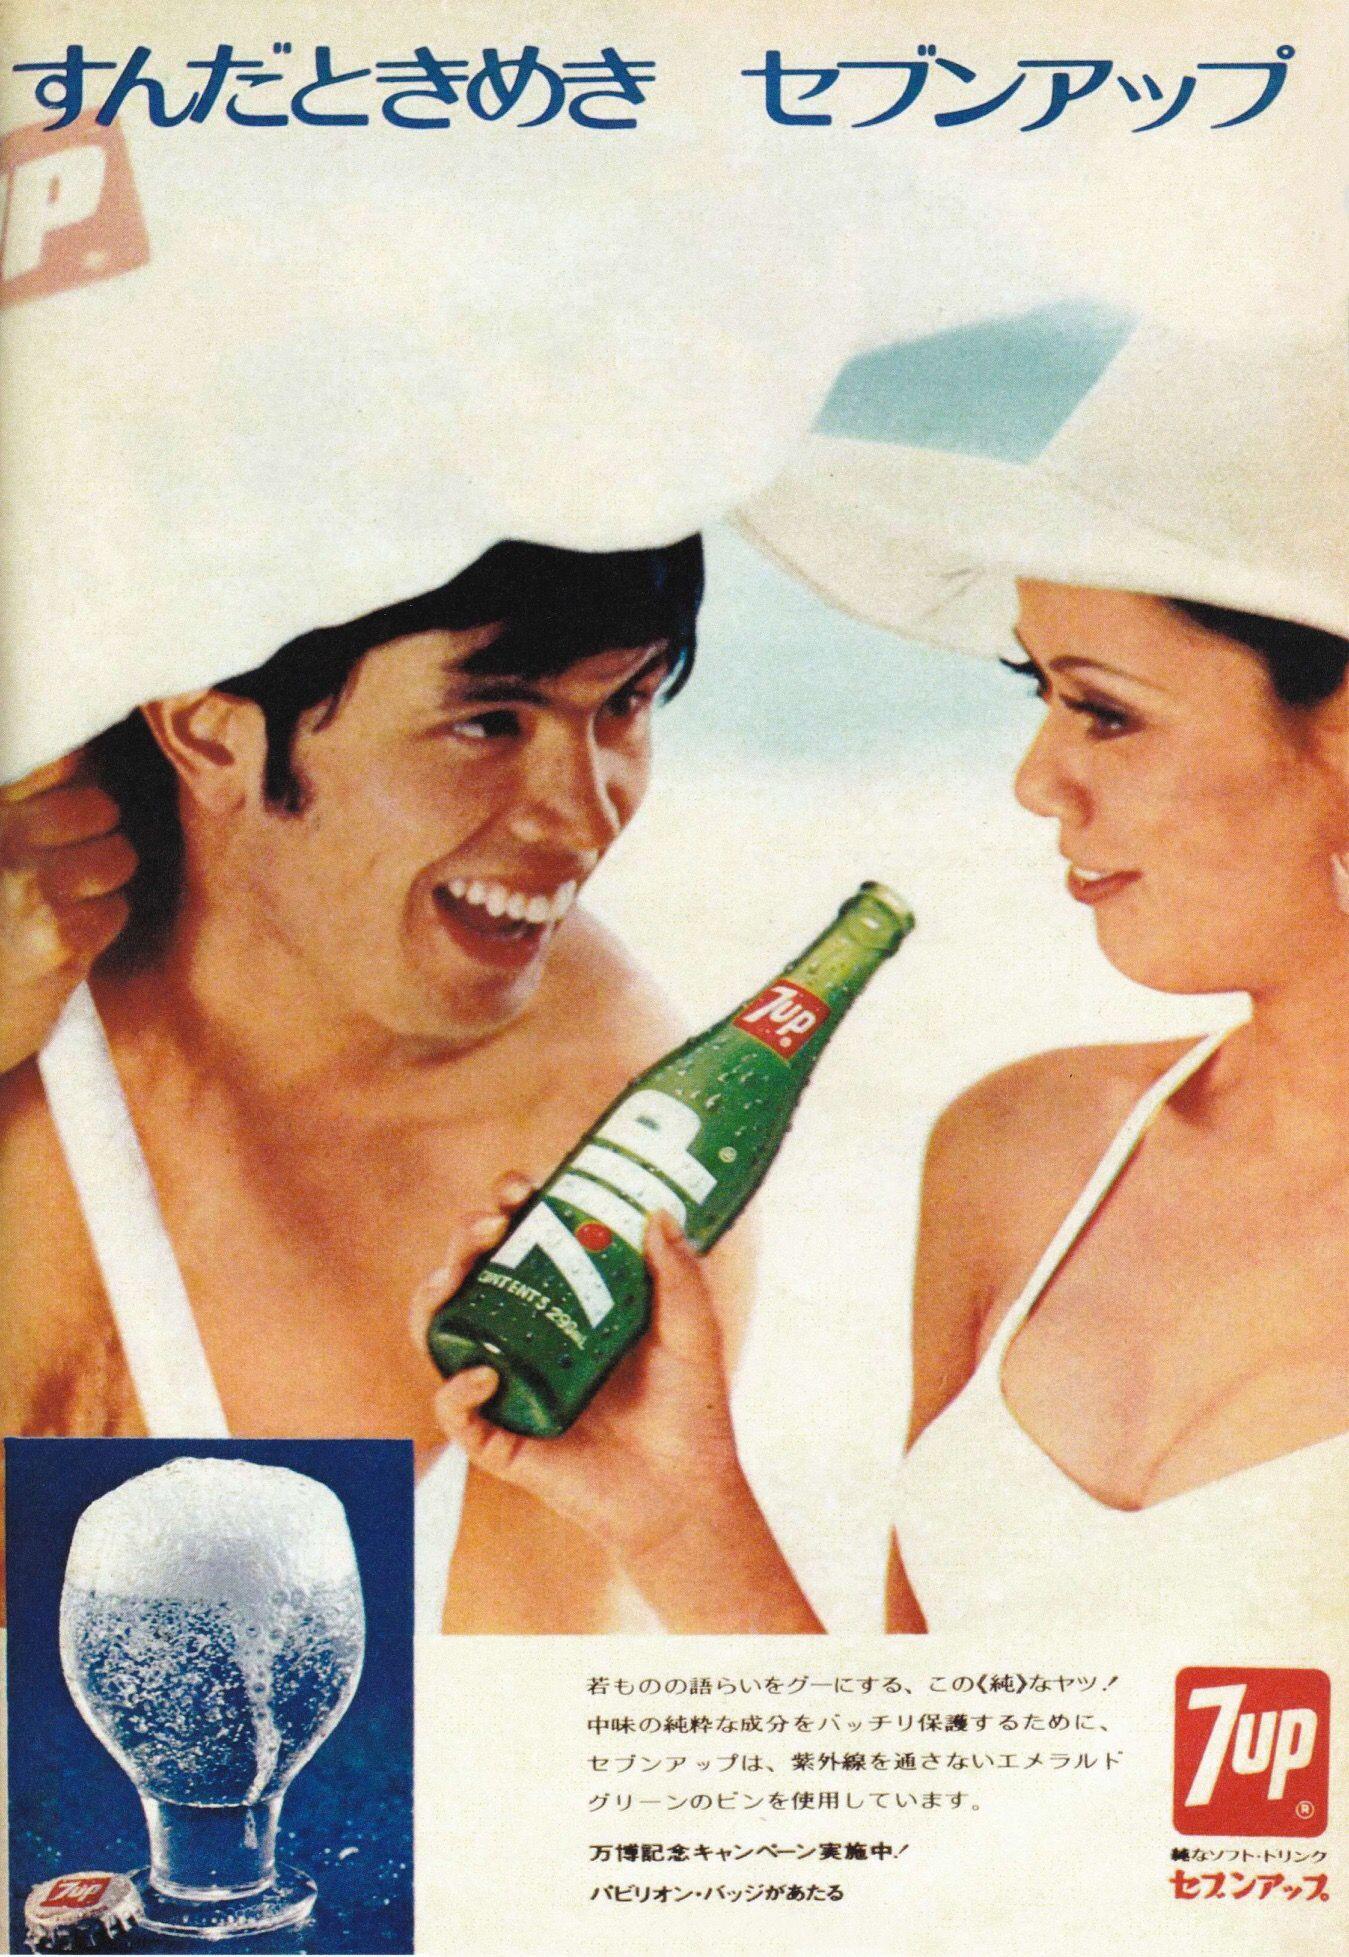 セブンアップ 7up 広告 1970 昭和 レトロ ポスター レトロな広告 古い広告